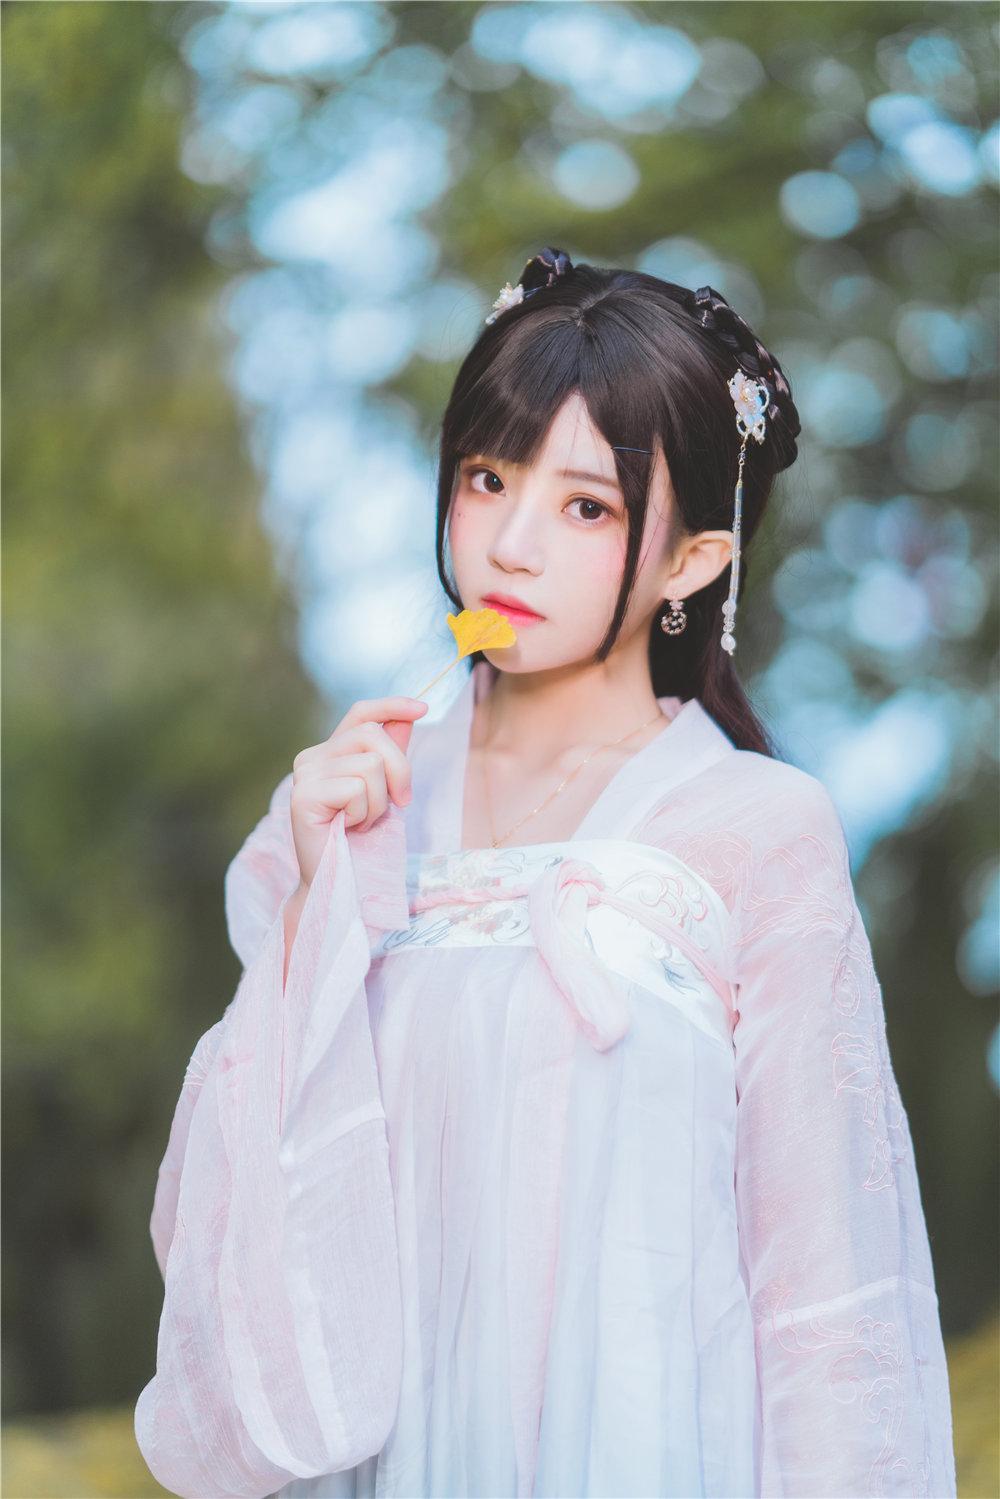 桜桃喵 温柔×4套[53P-0.97GB]